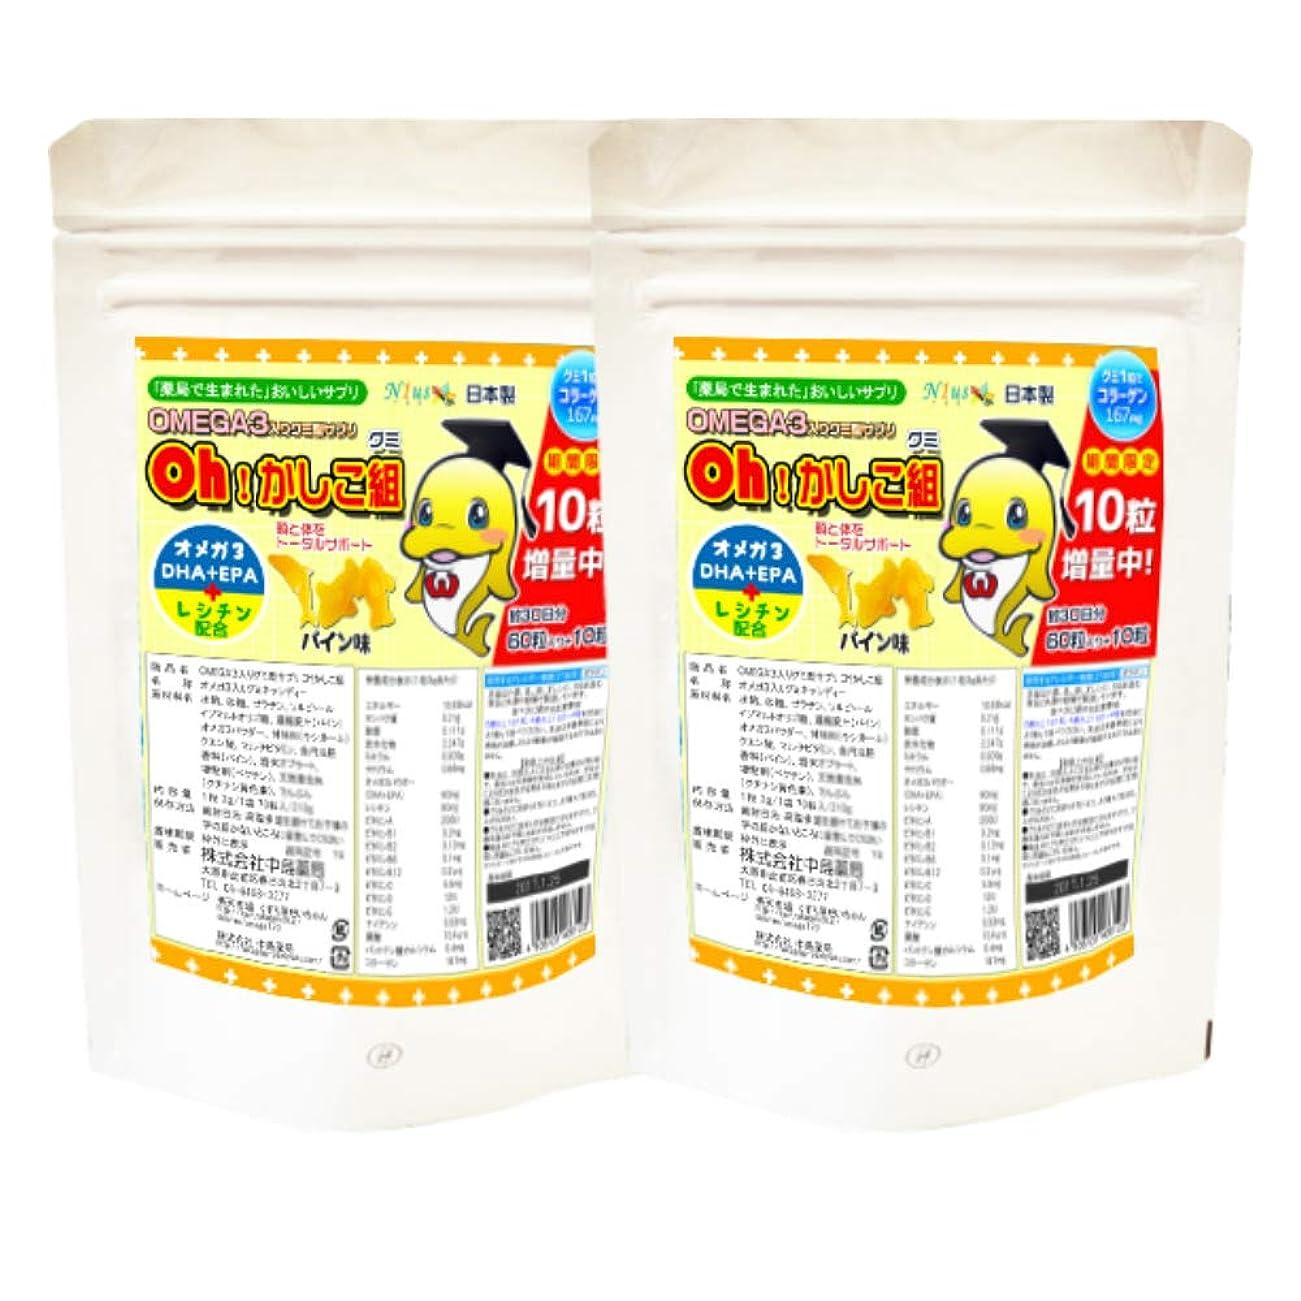 増強する識別する酔っ払いオメガ3グミ2袋セット【Oh!かしこ組オメガ3グミ60粒入(約1か月分)×2袋セット】今なら10粒増量中!パイナップル味?(レシチン+マルチビタミンも配合)